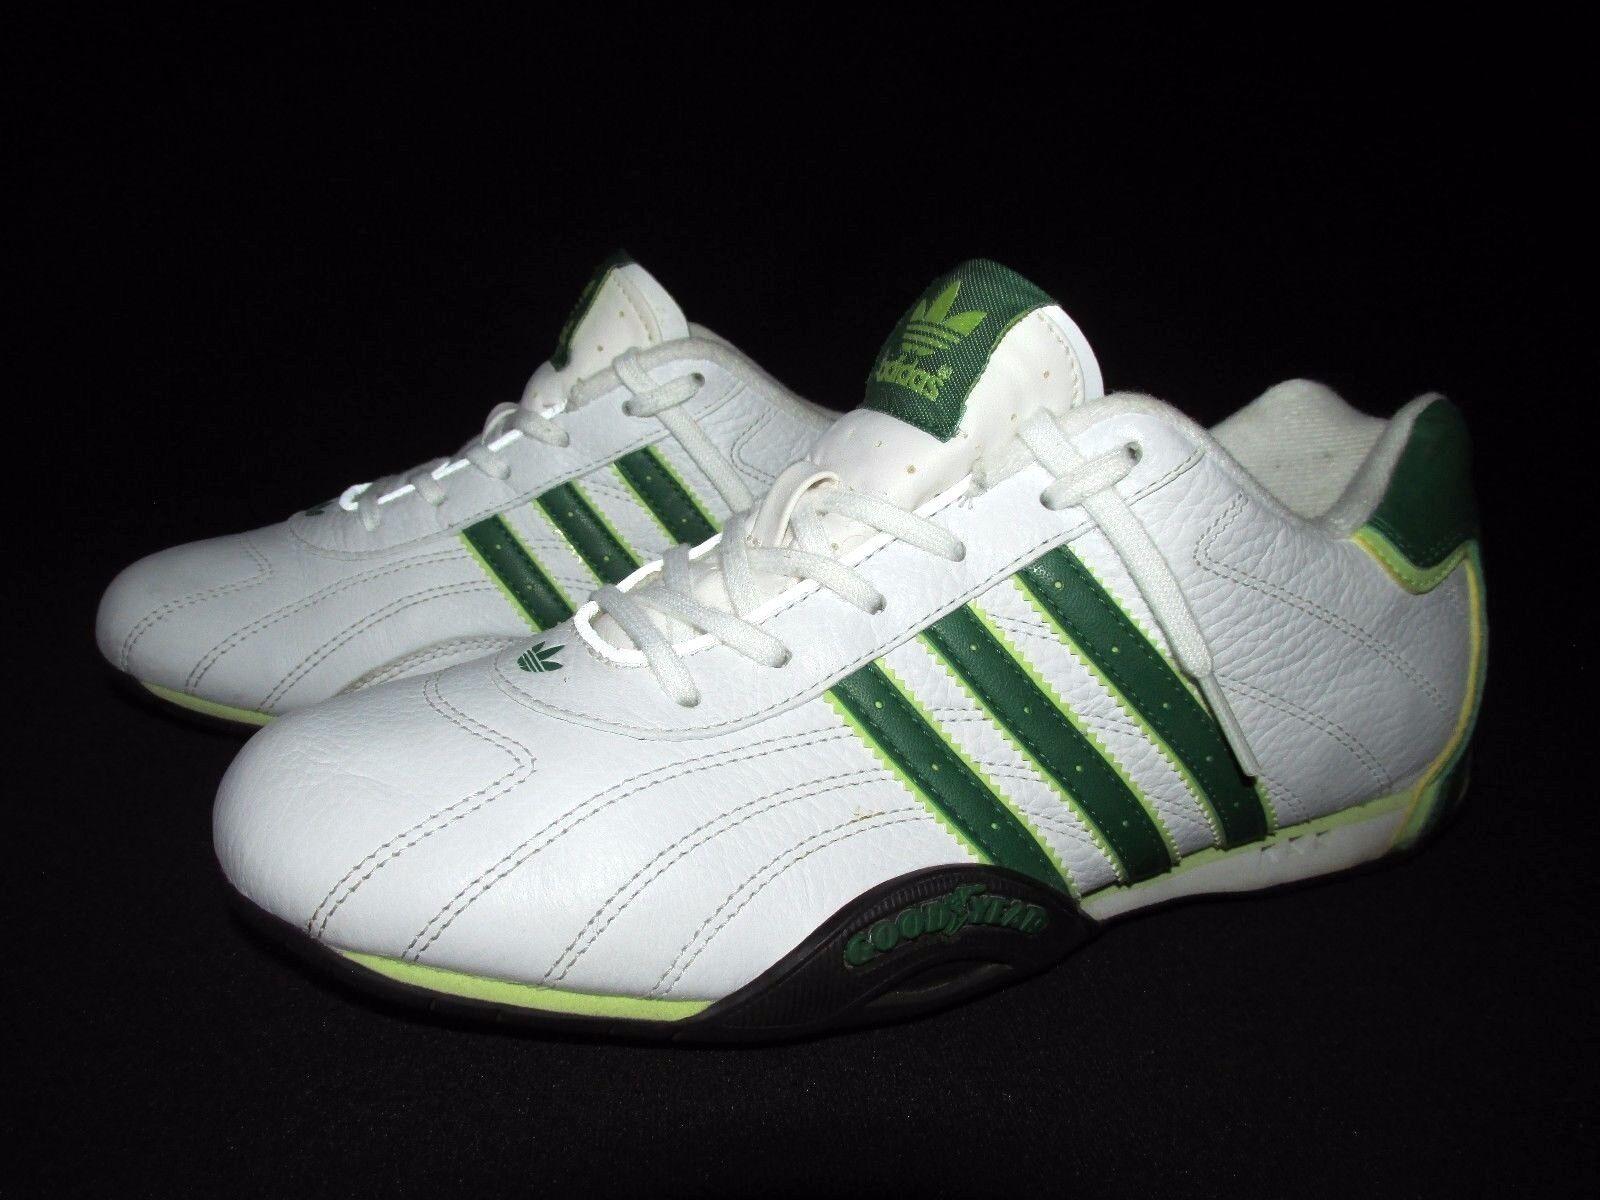 Adidas 2006 drei streifen weißen grünem leder adidas team Damens 's uns 6m